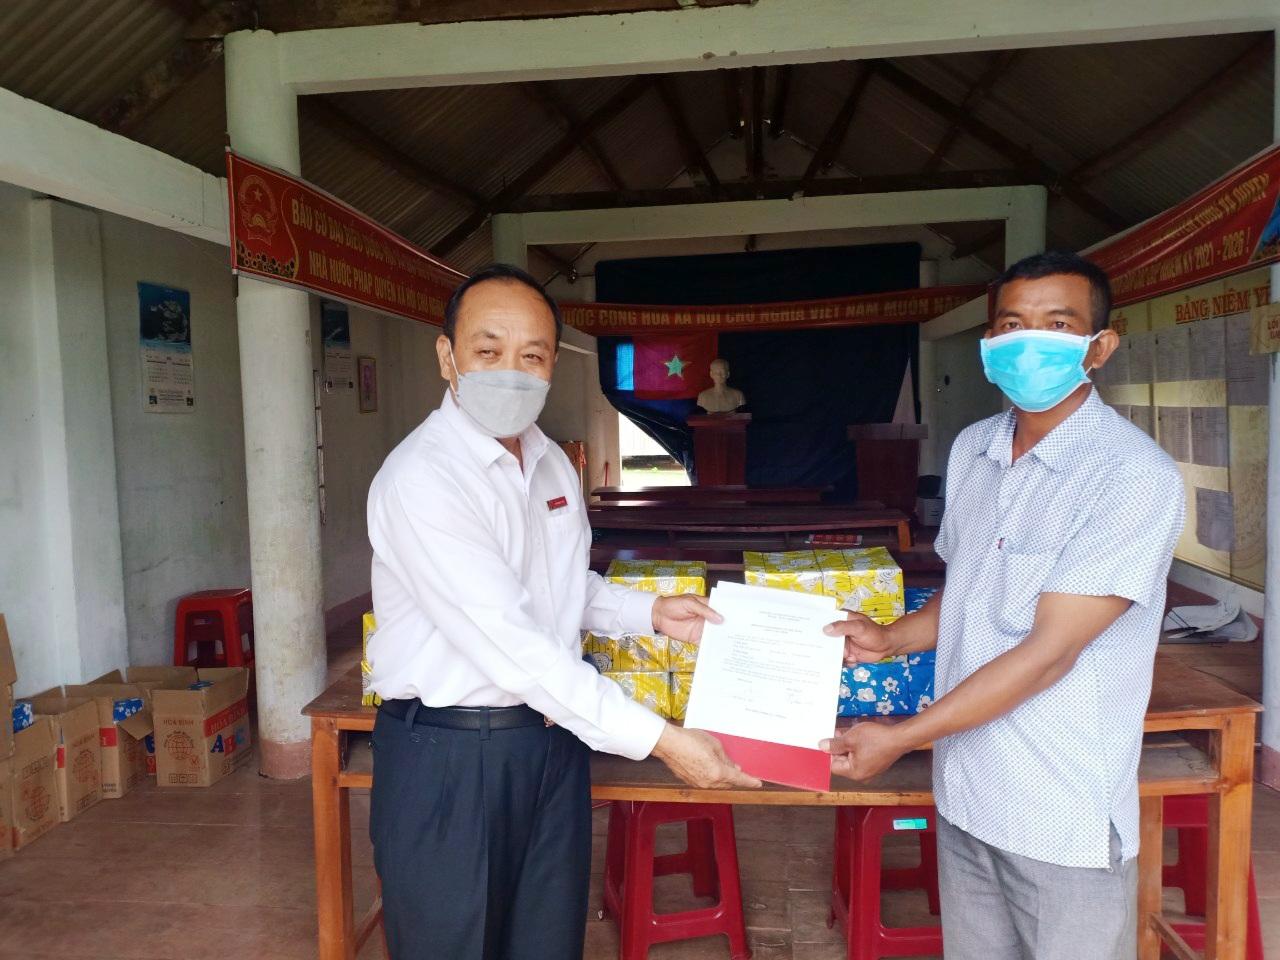 Agribank tỉnh Đắk Lắk tặng quà cho học sinh nhân dịp năm học mới 2021-2022